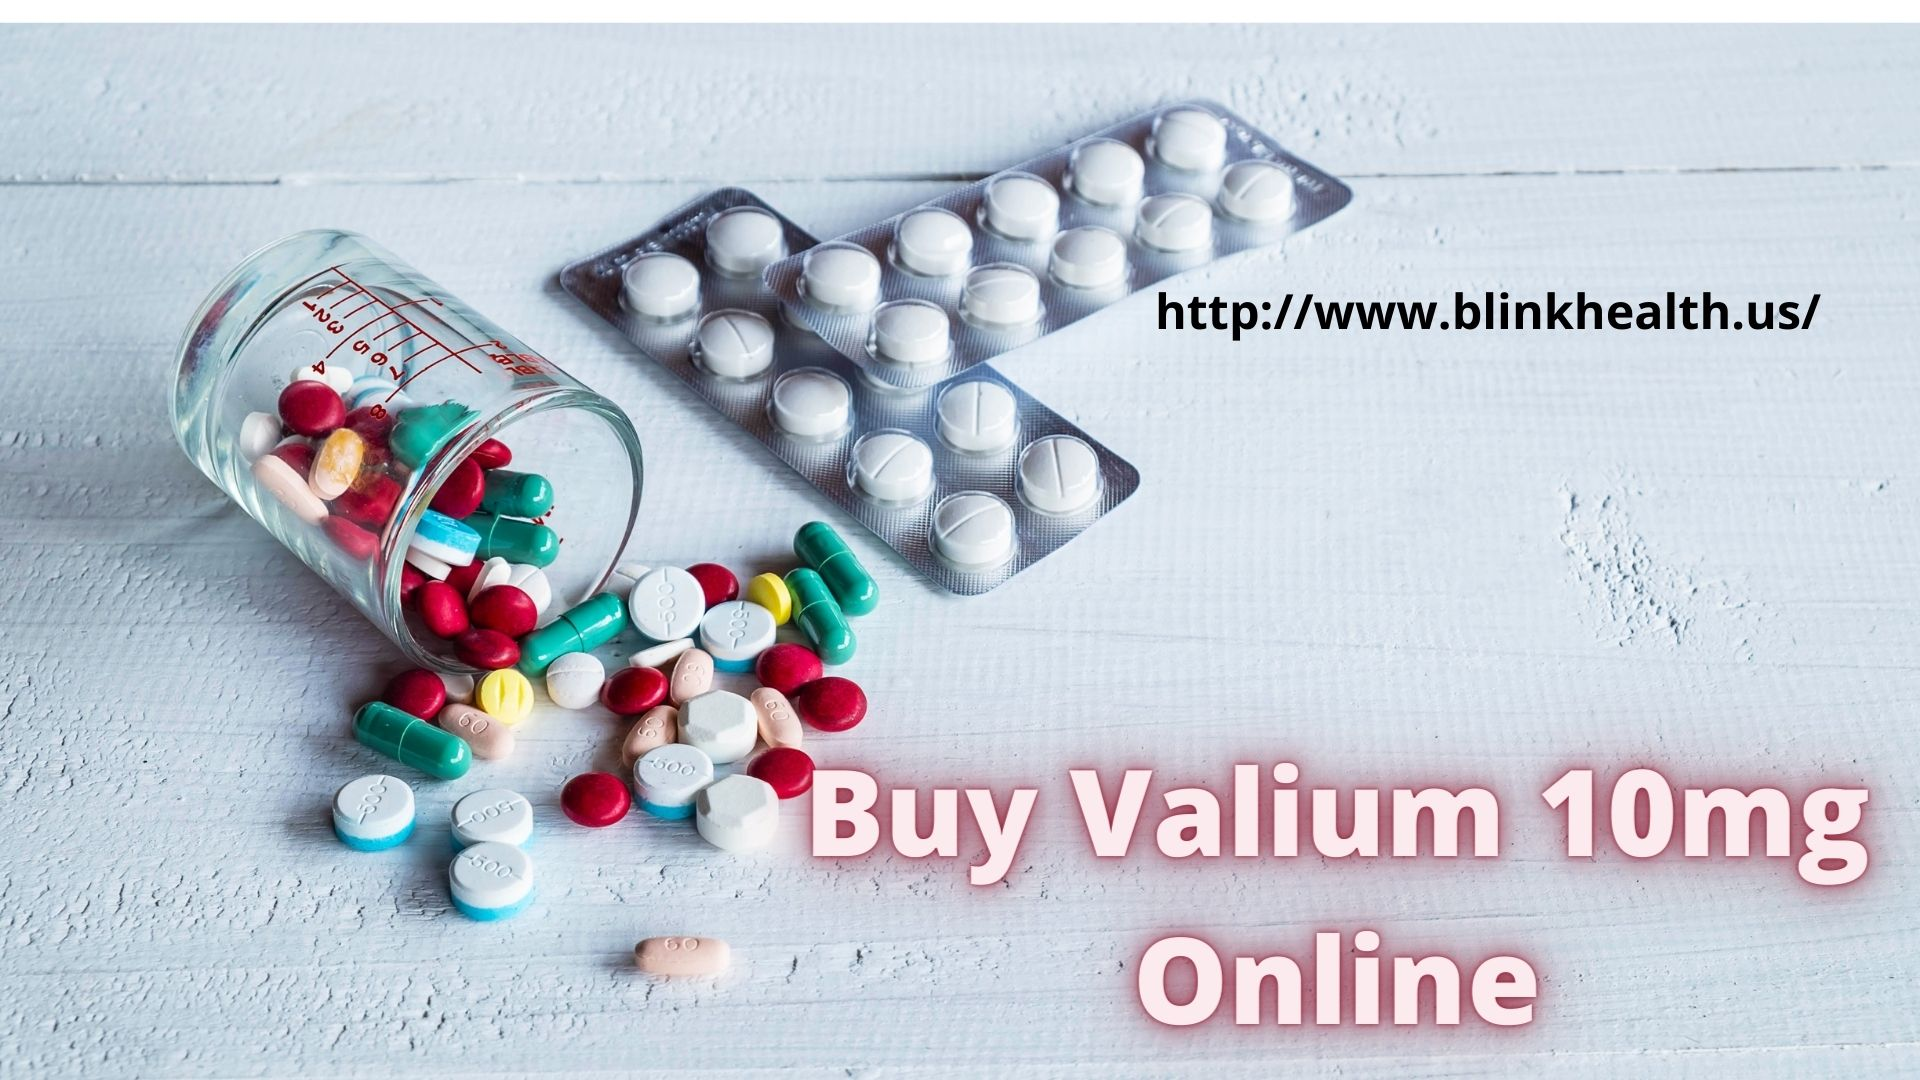 Buy Valium 10mg Online